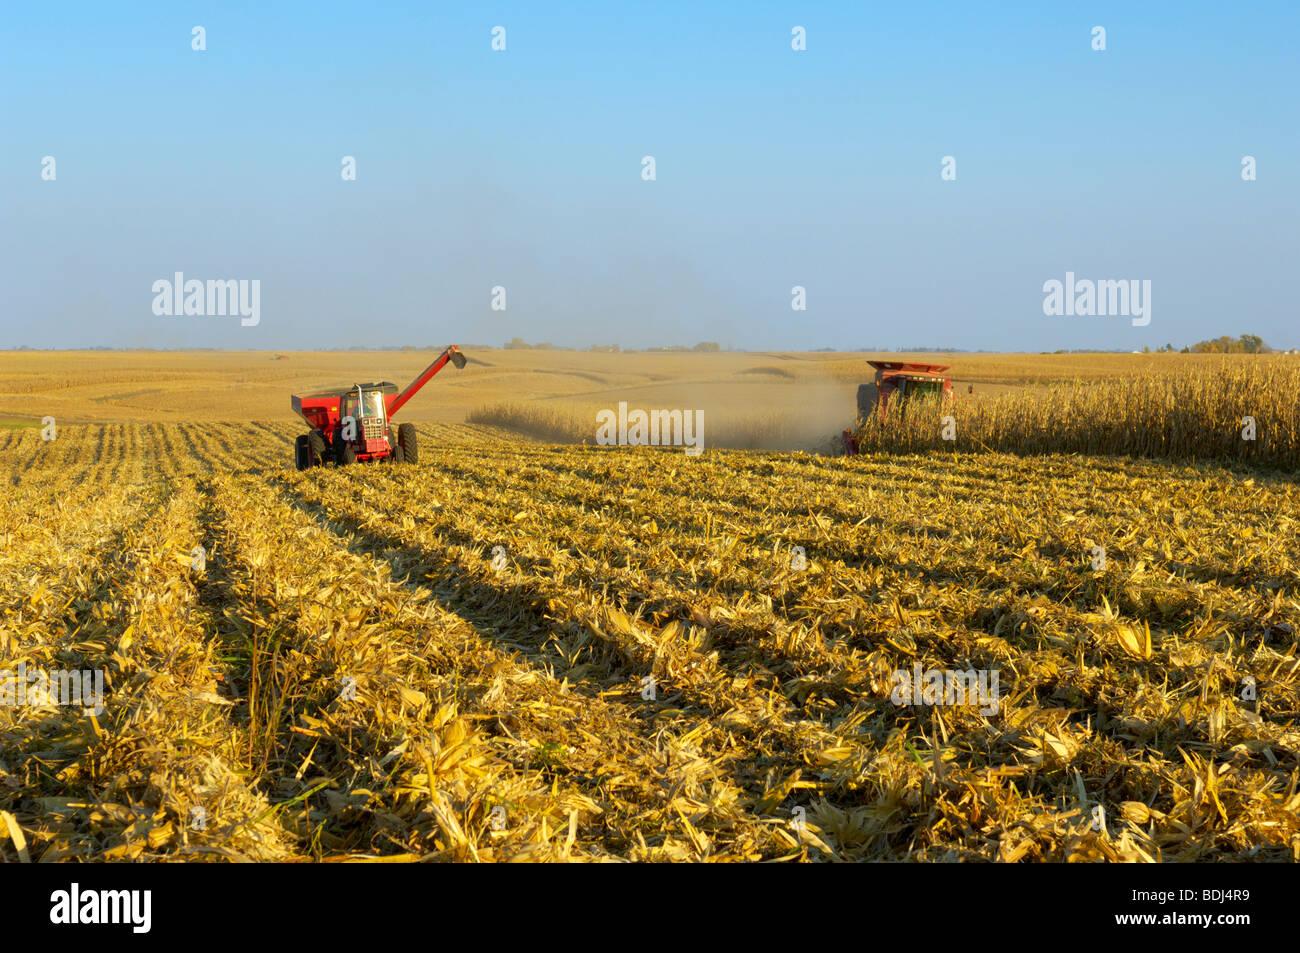 Una mietitrebbia raccolti un raccolto di mais granella in un ampio campo di grano, con un carrello per granella Immagini Stock